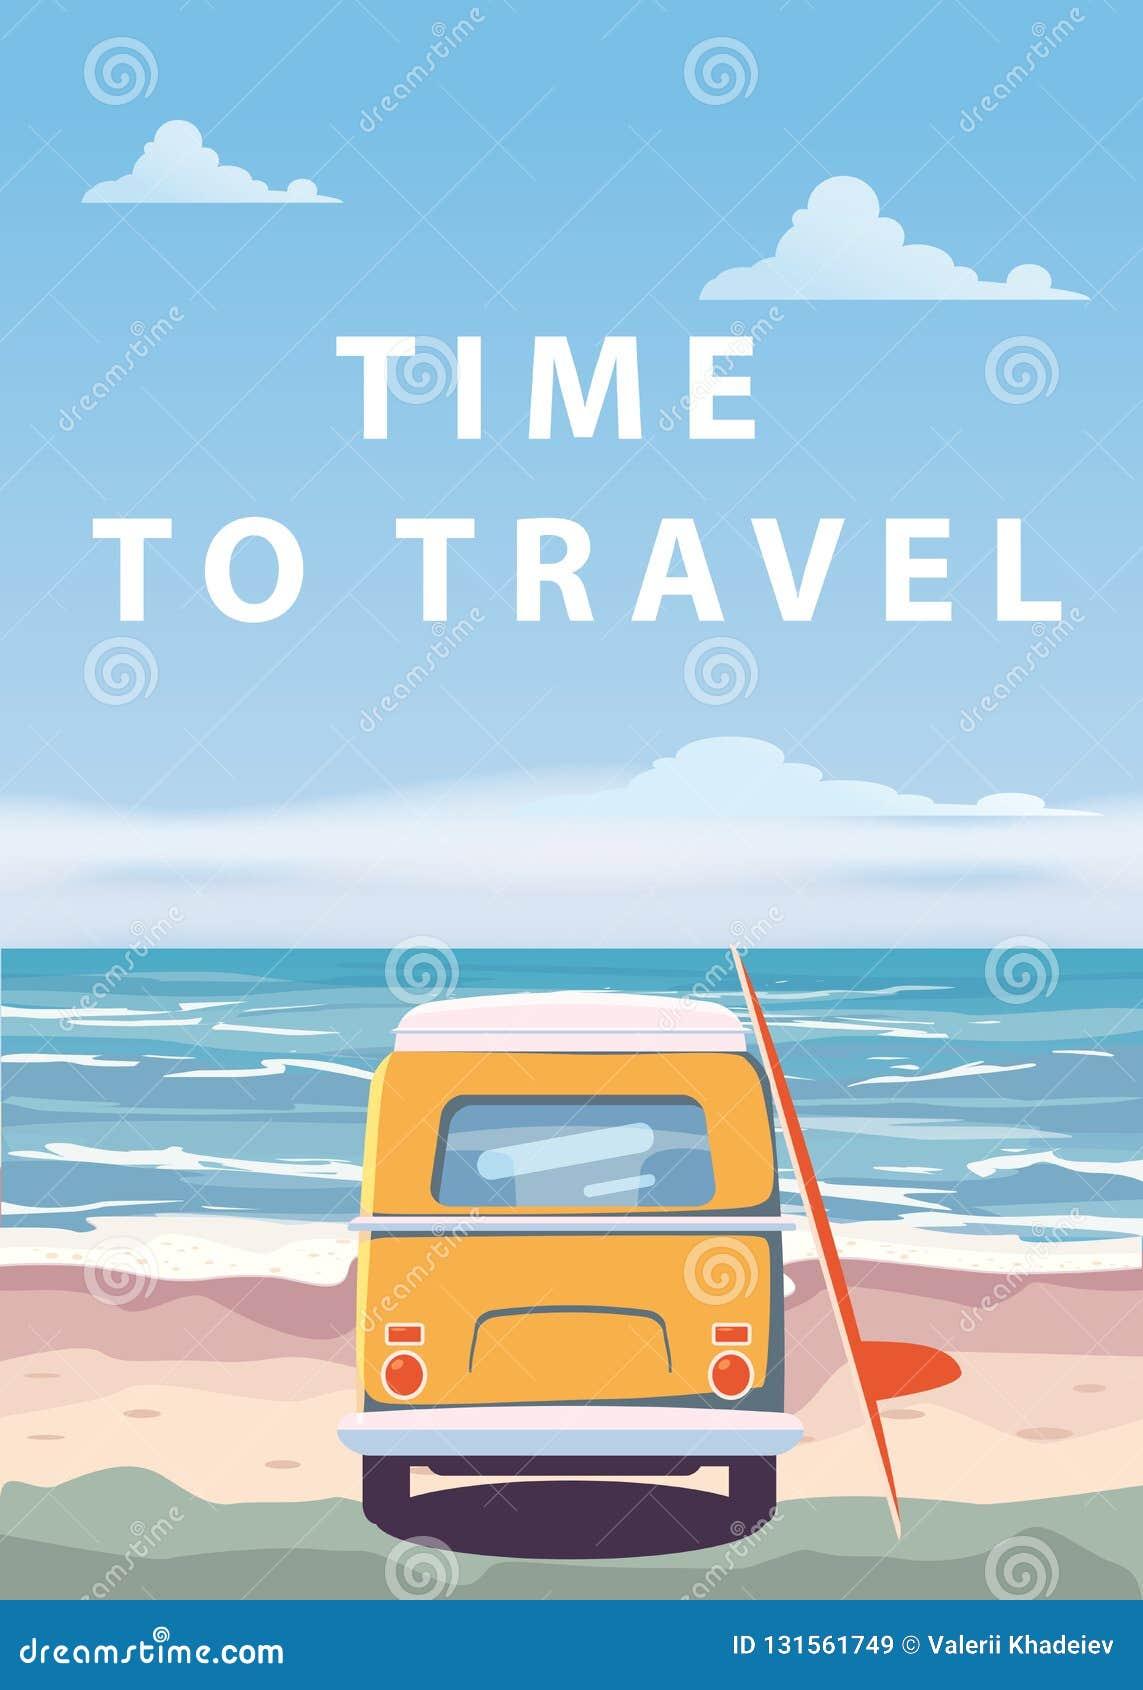 旅行,旅行传染媒介例证 海洋,海,海景 冲浪的搬运车,在海滩的公共汽车 您系列节日快乐的夏天 海洋背景